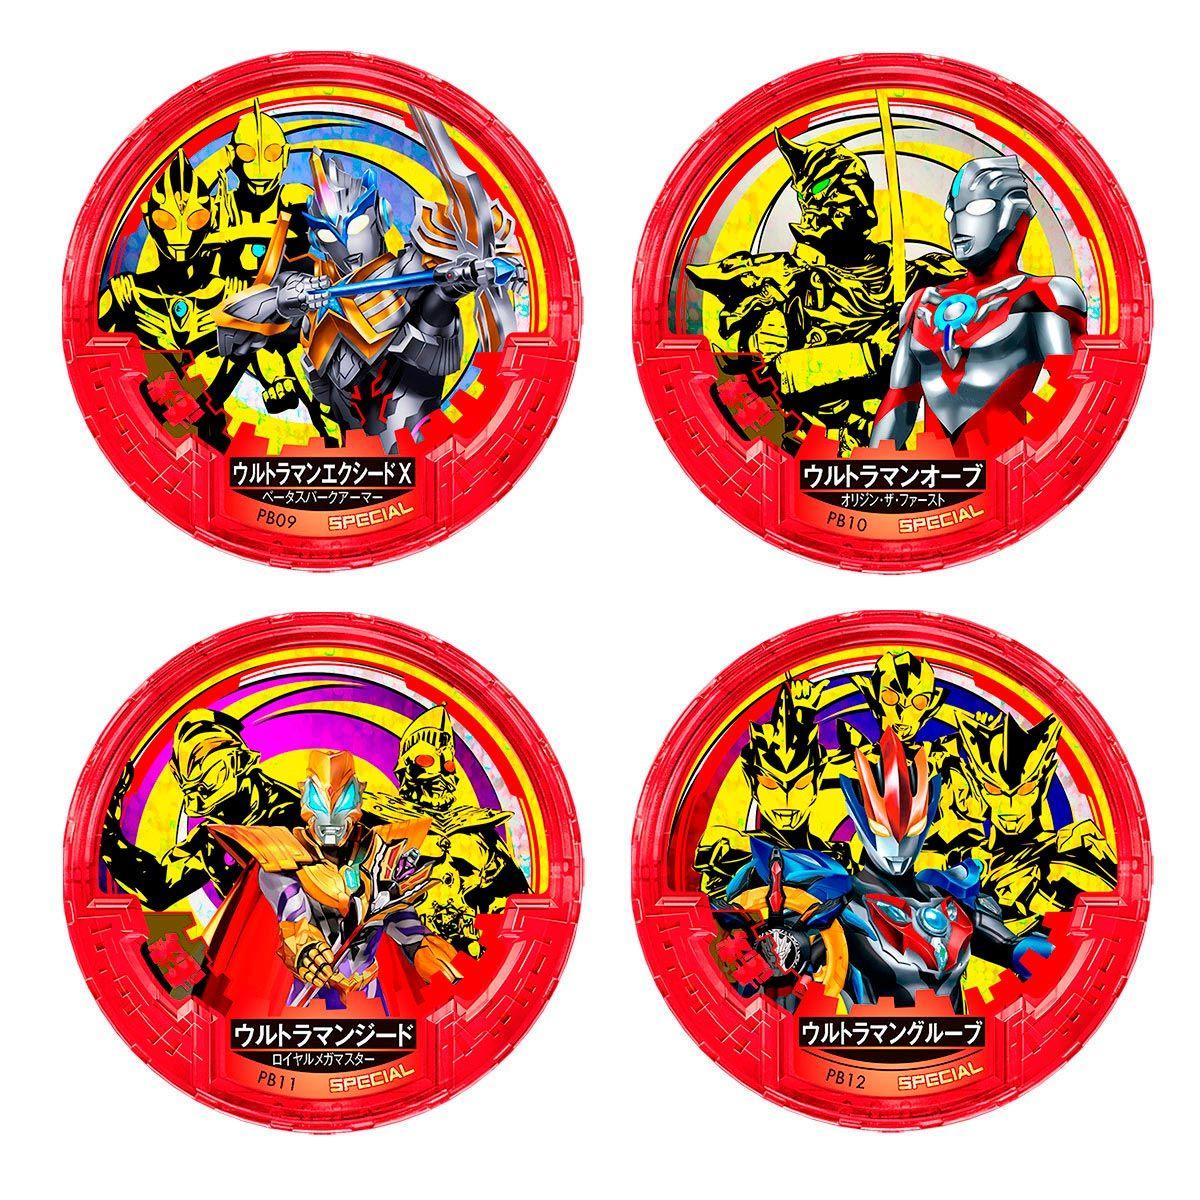 【限定販売】ウルトラマン『アバレンボウル オフィシャルメダルホルダー』ガシャポン-006